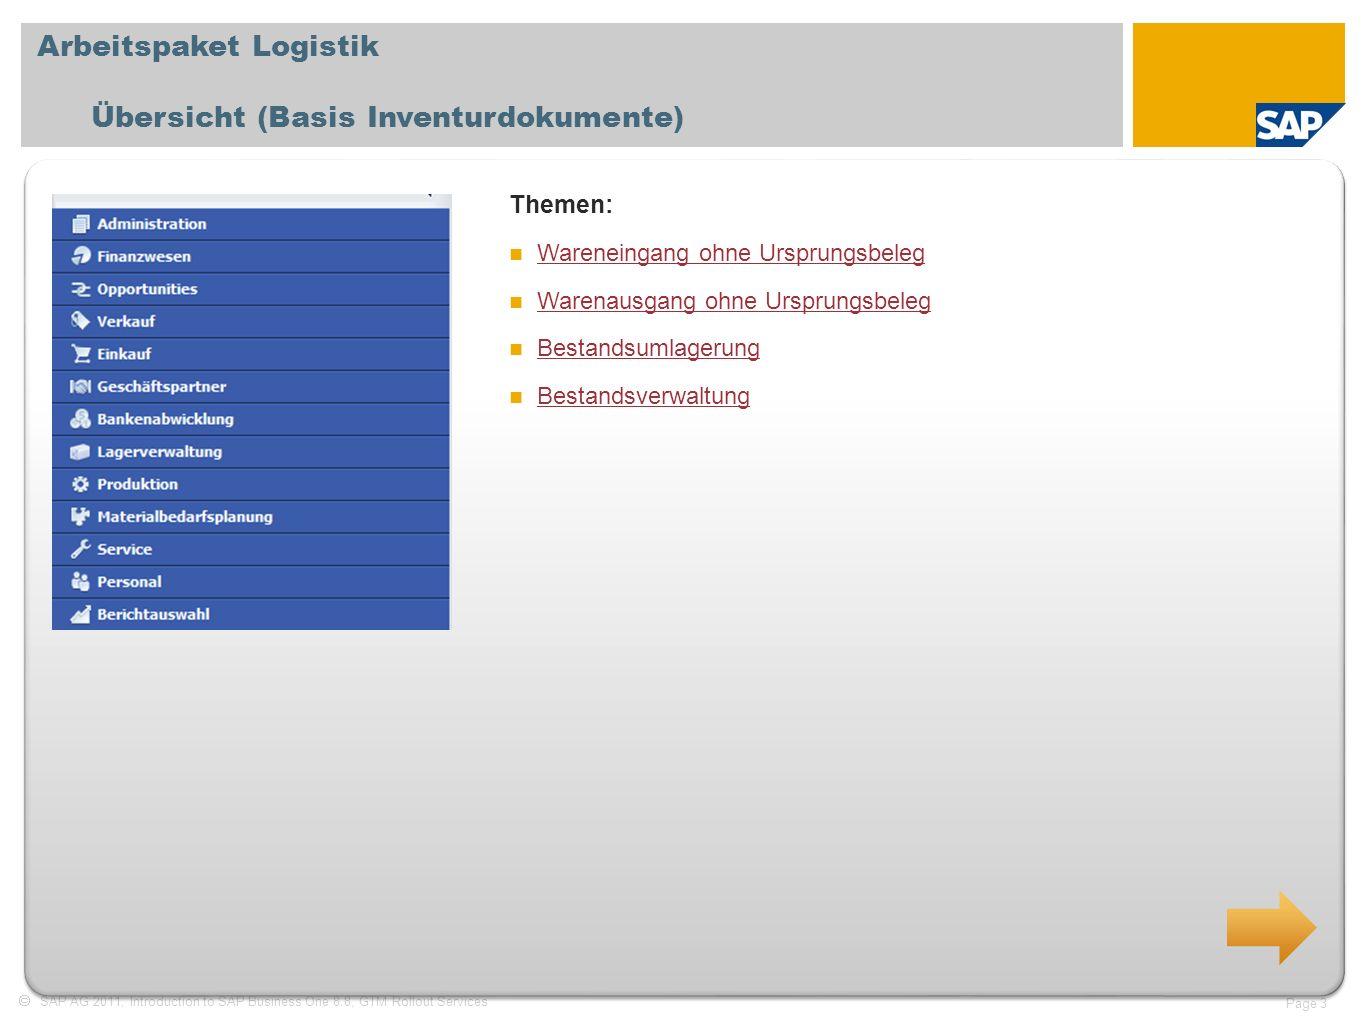 Arbeitspaket Logistik Übersicht (Basis Inventurdokumente)